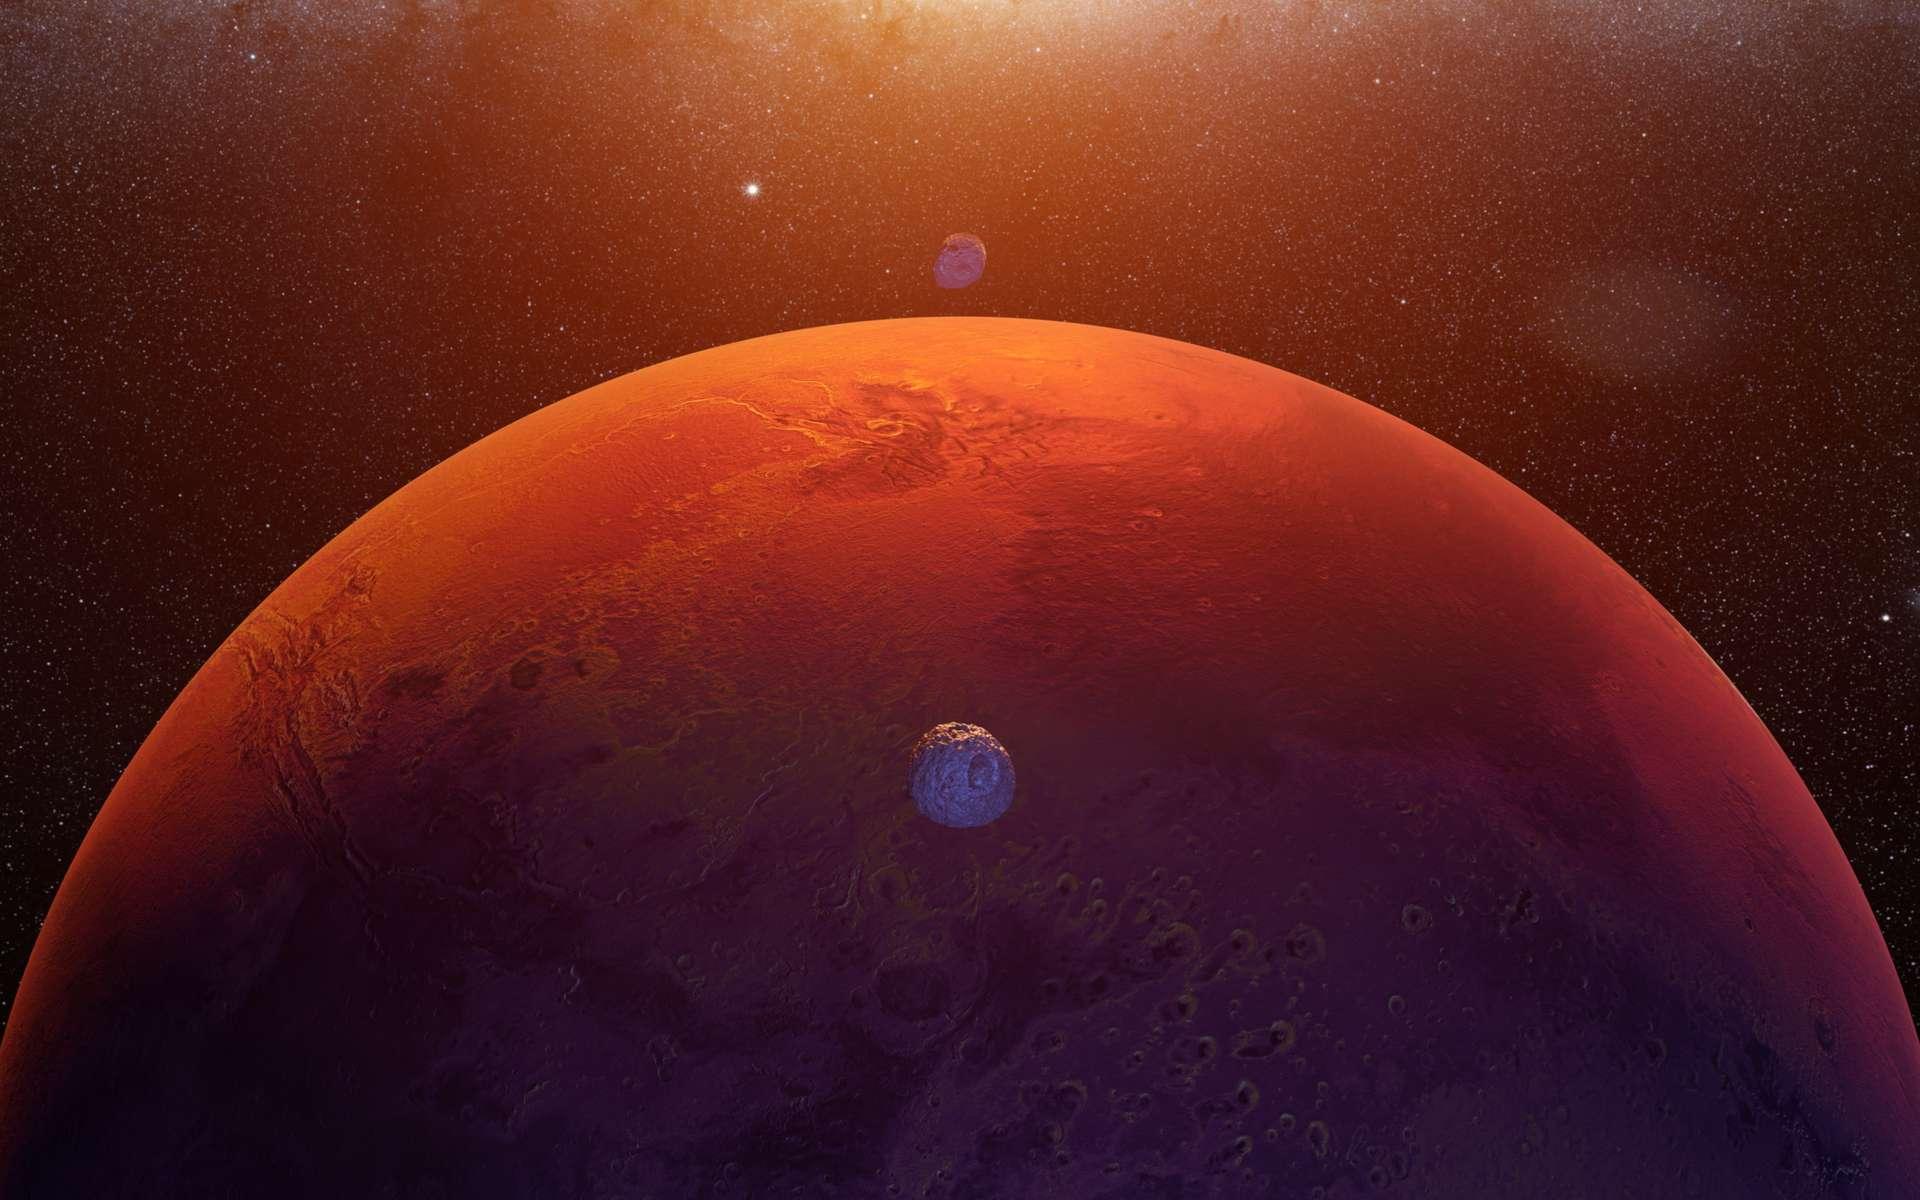 Illustration et de ses deux lunes, Phobos et Deimos. © dottedyeti, Adobe Stock